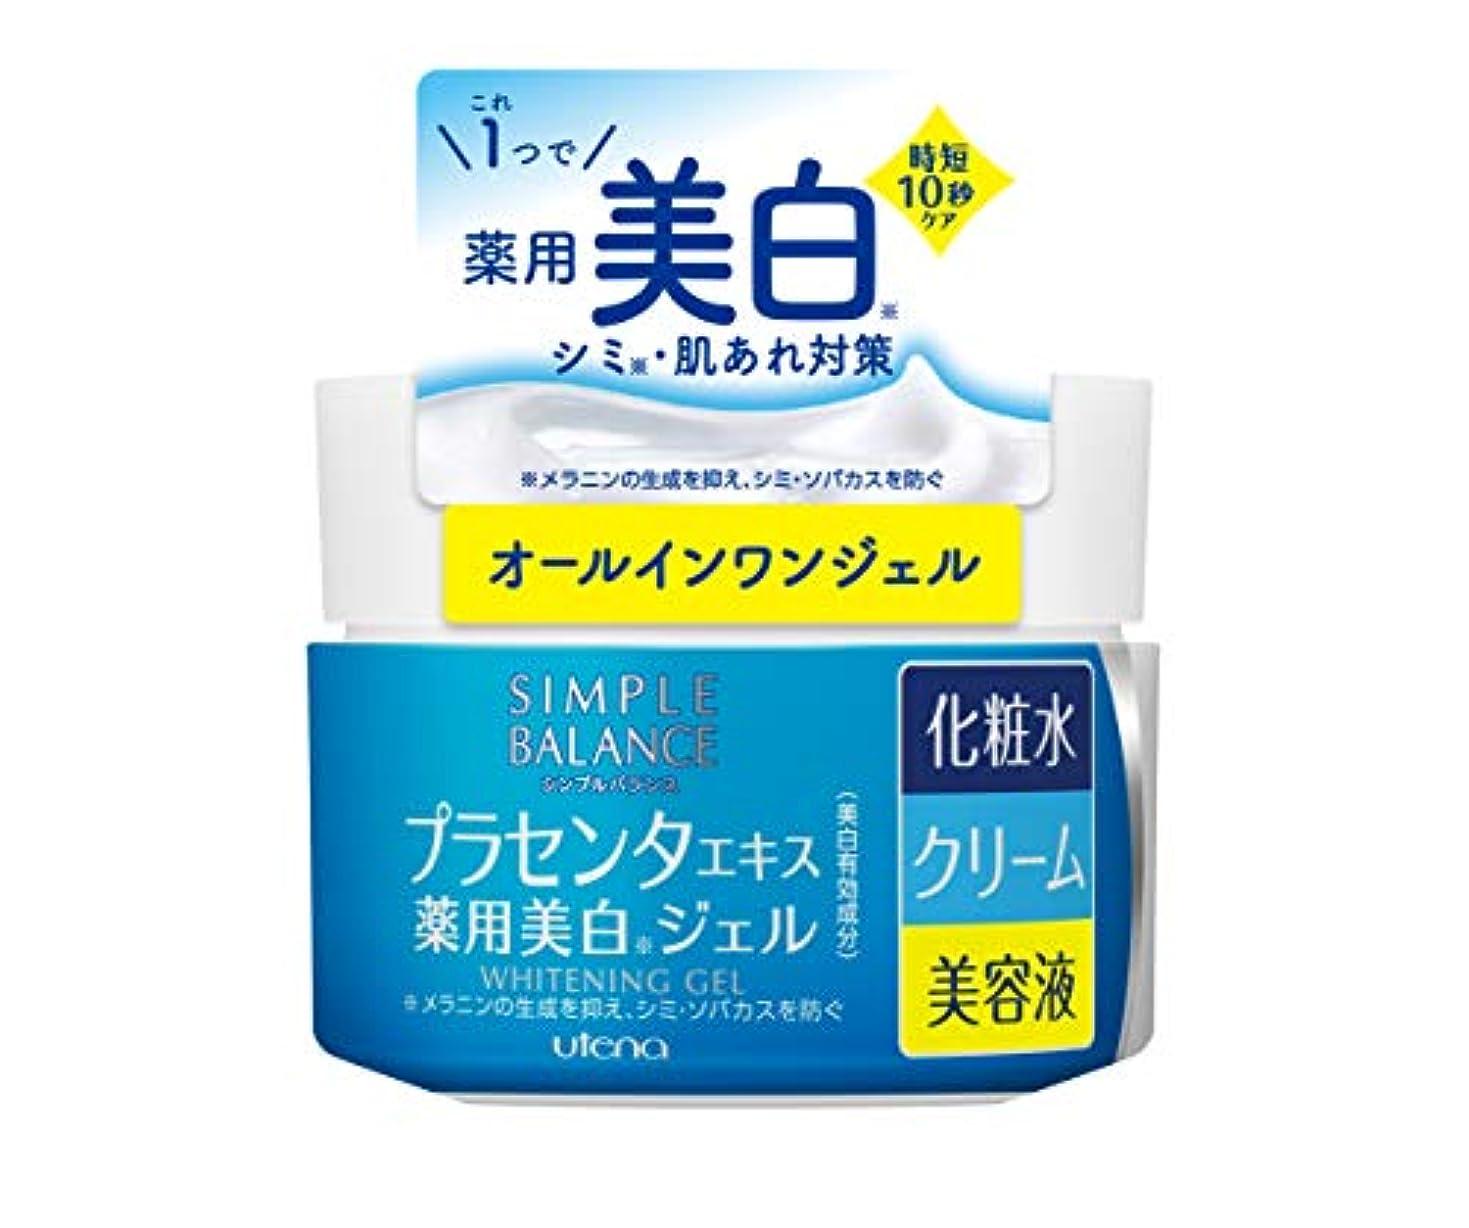 物質振り子挑発するシンプルバランス 美白ジェル 100g (医薬部外品)